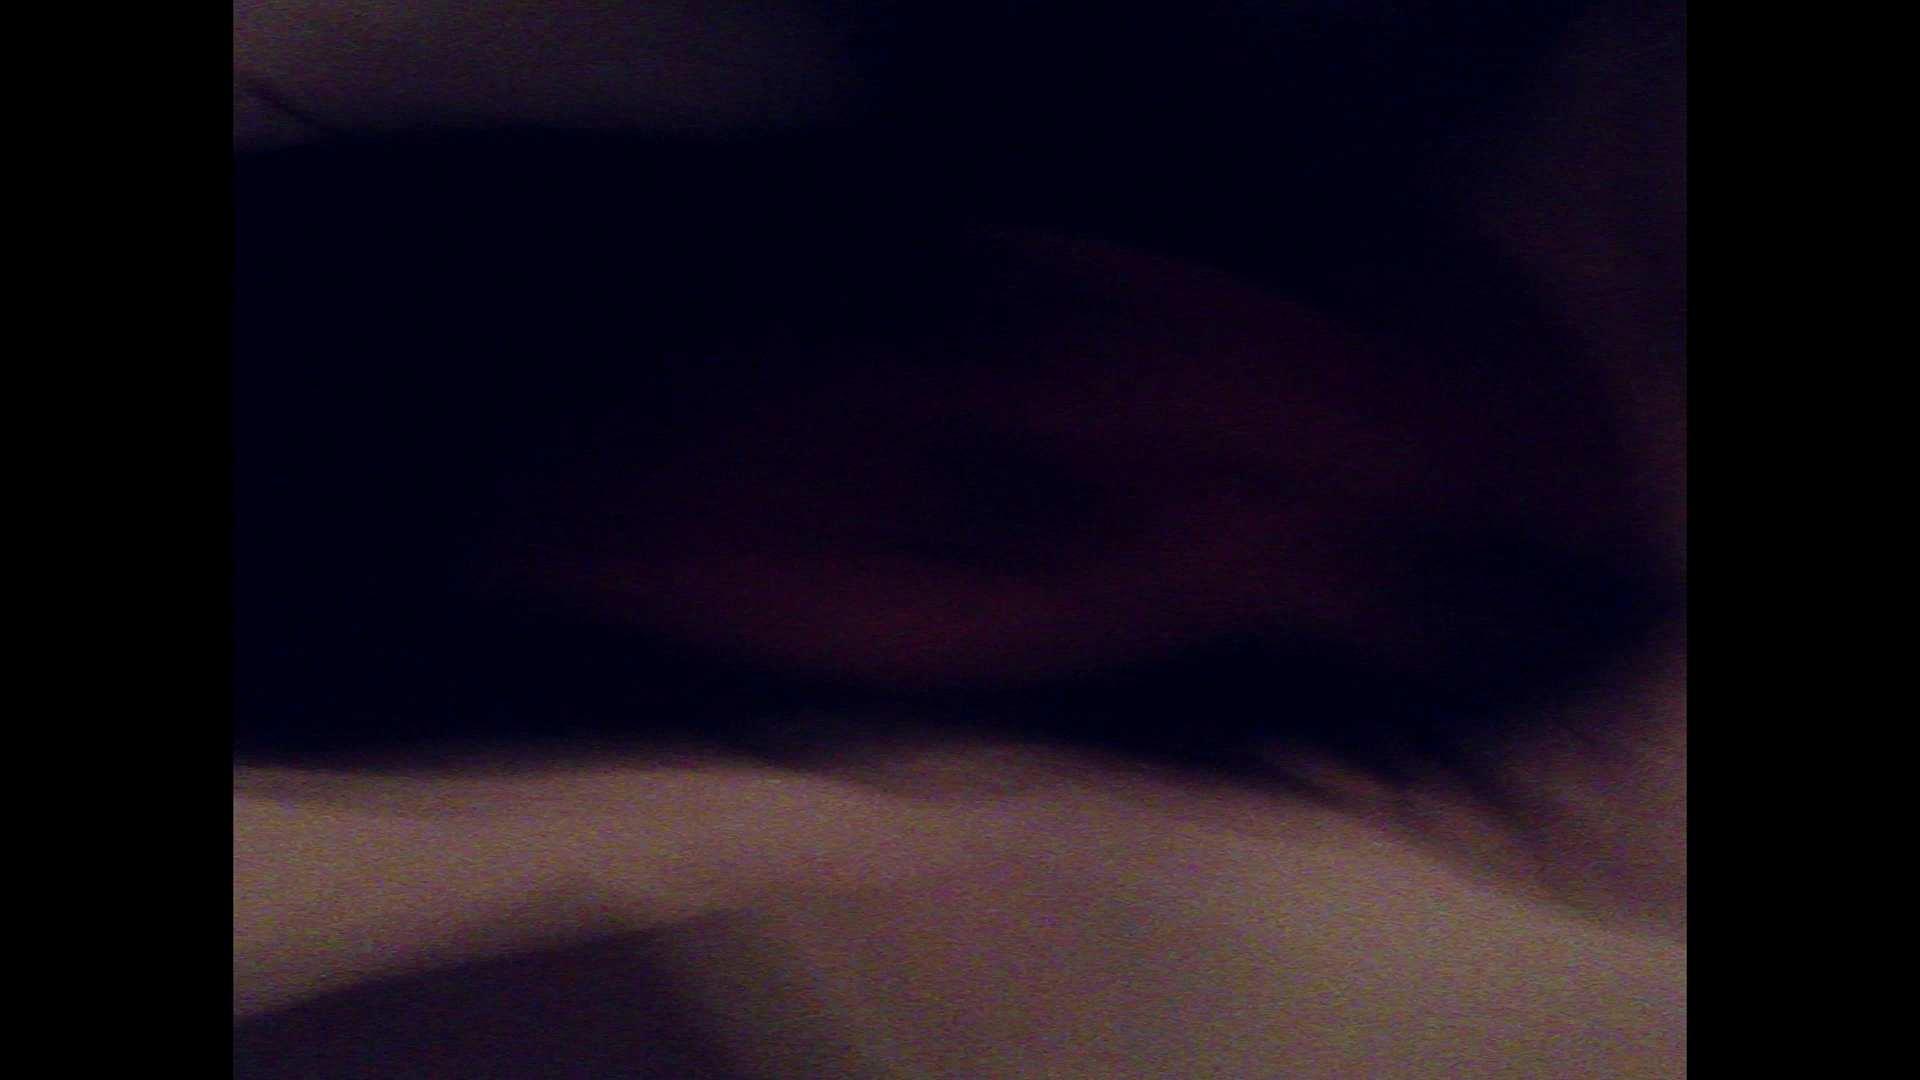 巨乳おまんこ:志穂さんに旦那様とのSEXを携帯で撮ってもらうように指示しました。:大奥